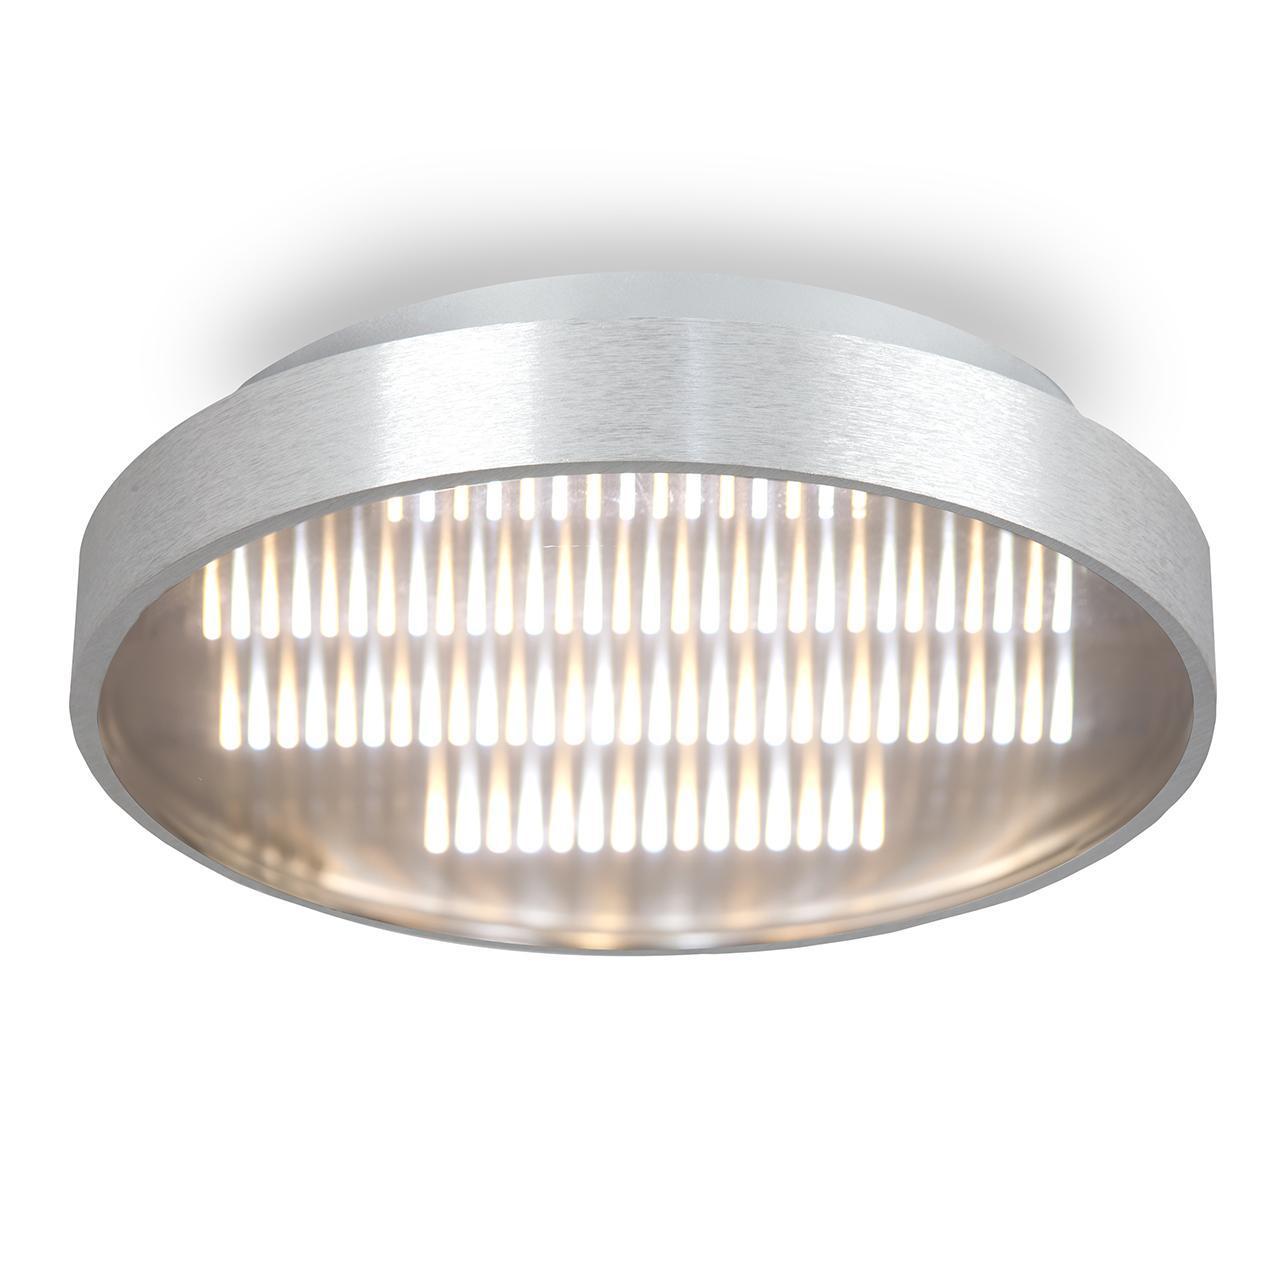 цена на Потолочный светодиодный светильник Mantra Reflex 5344